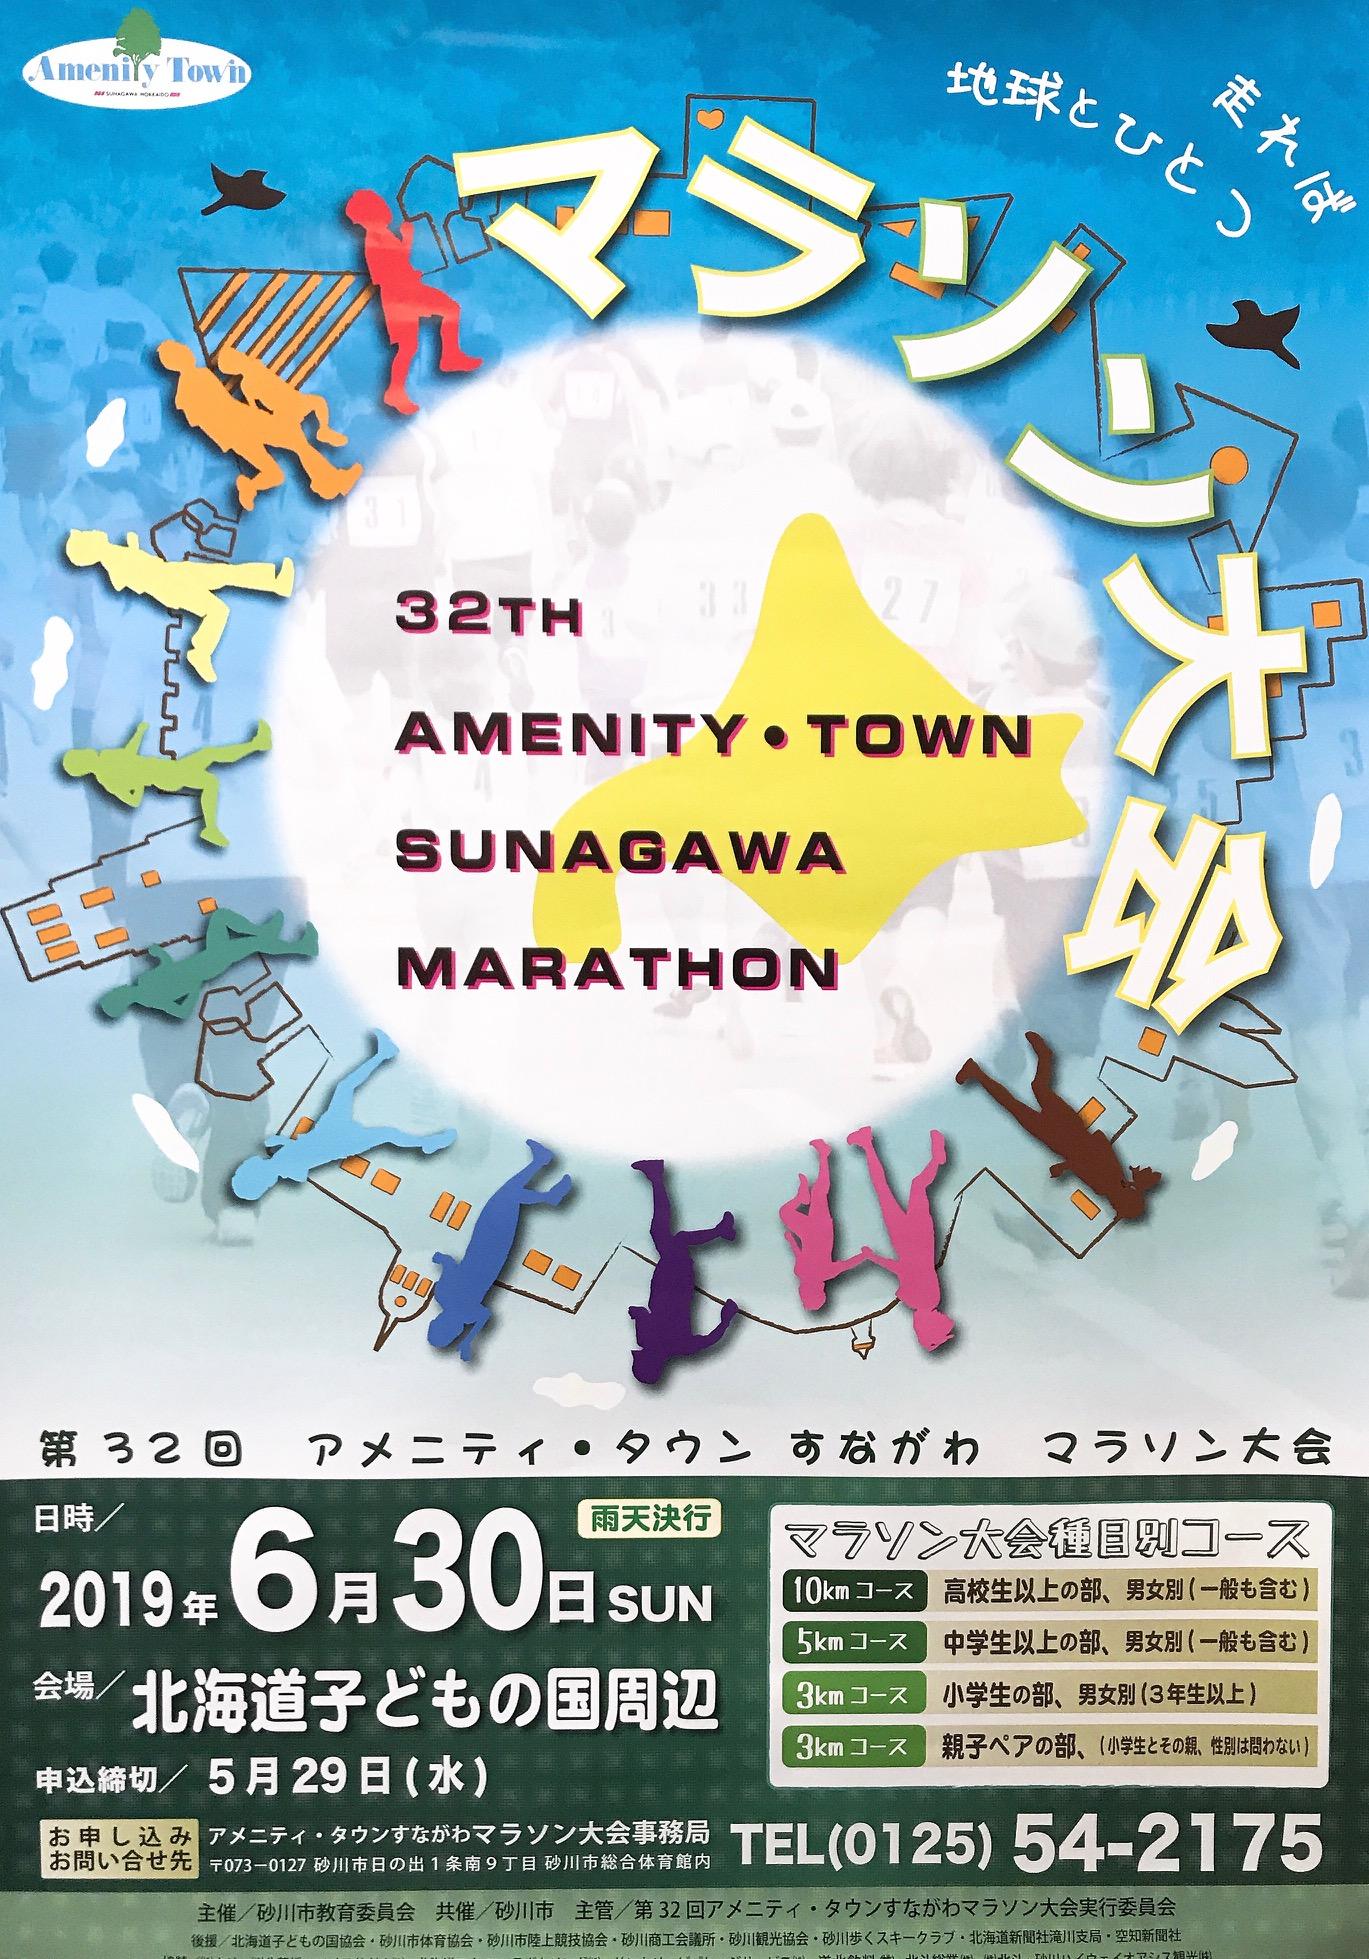 第32回アメニティ・タウンすながわマラソン大会(2019年)のポスター